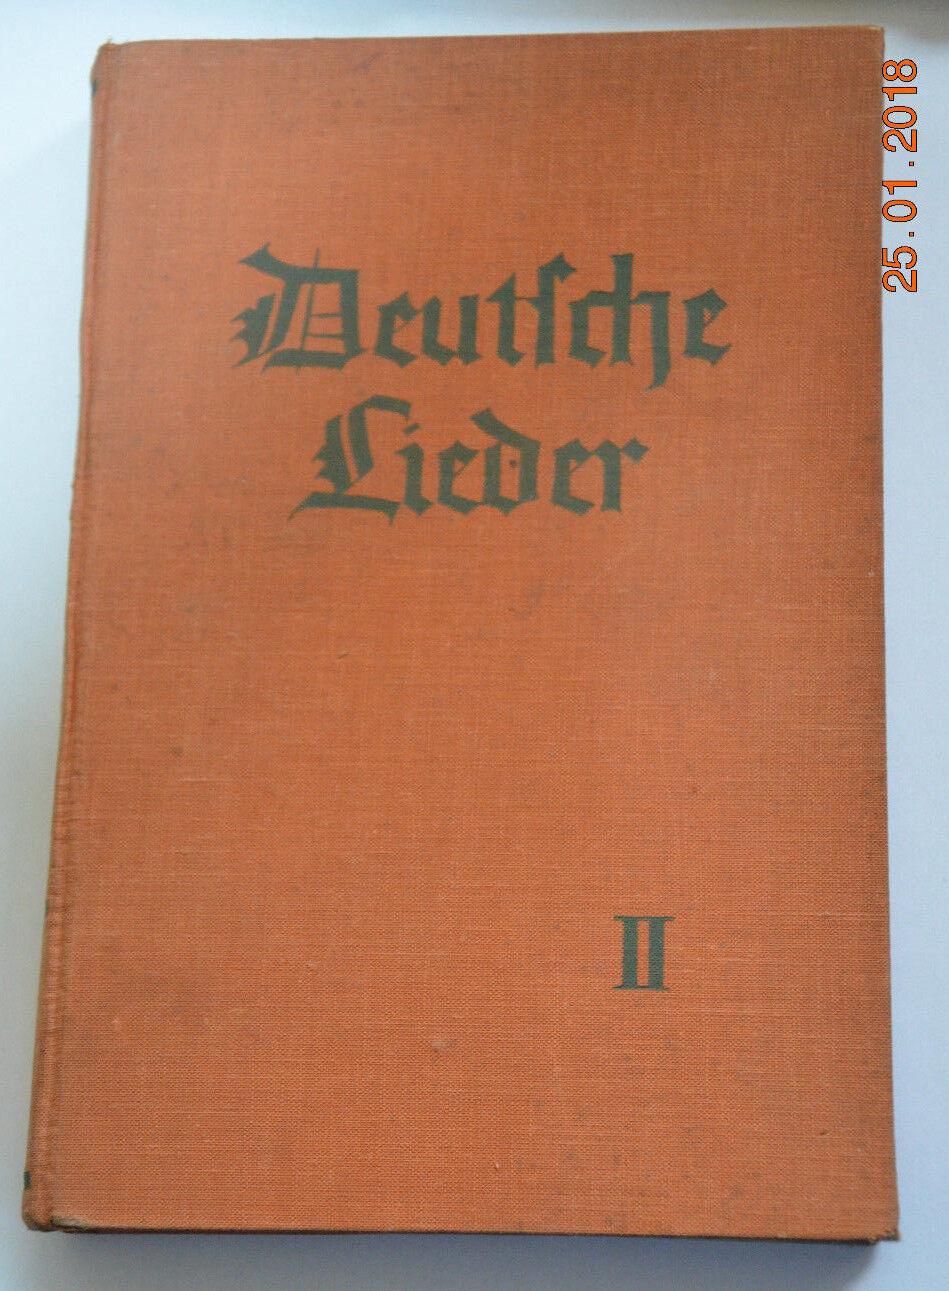 Uralt Deutsche Lieder Singbuch für höhere Schulen Württembergs. Aichele Band 2